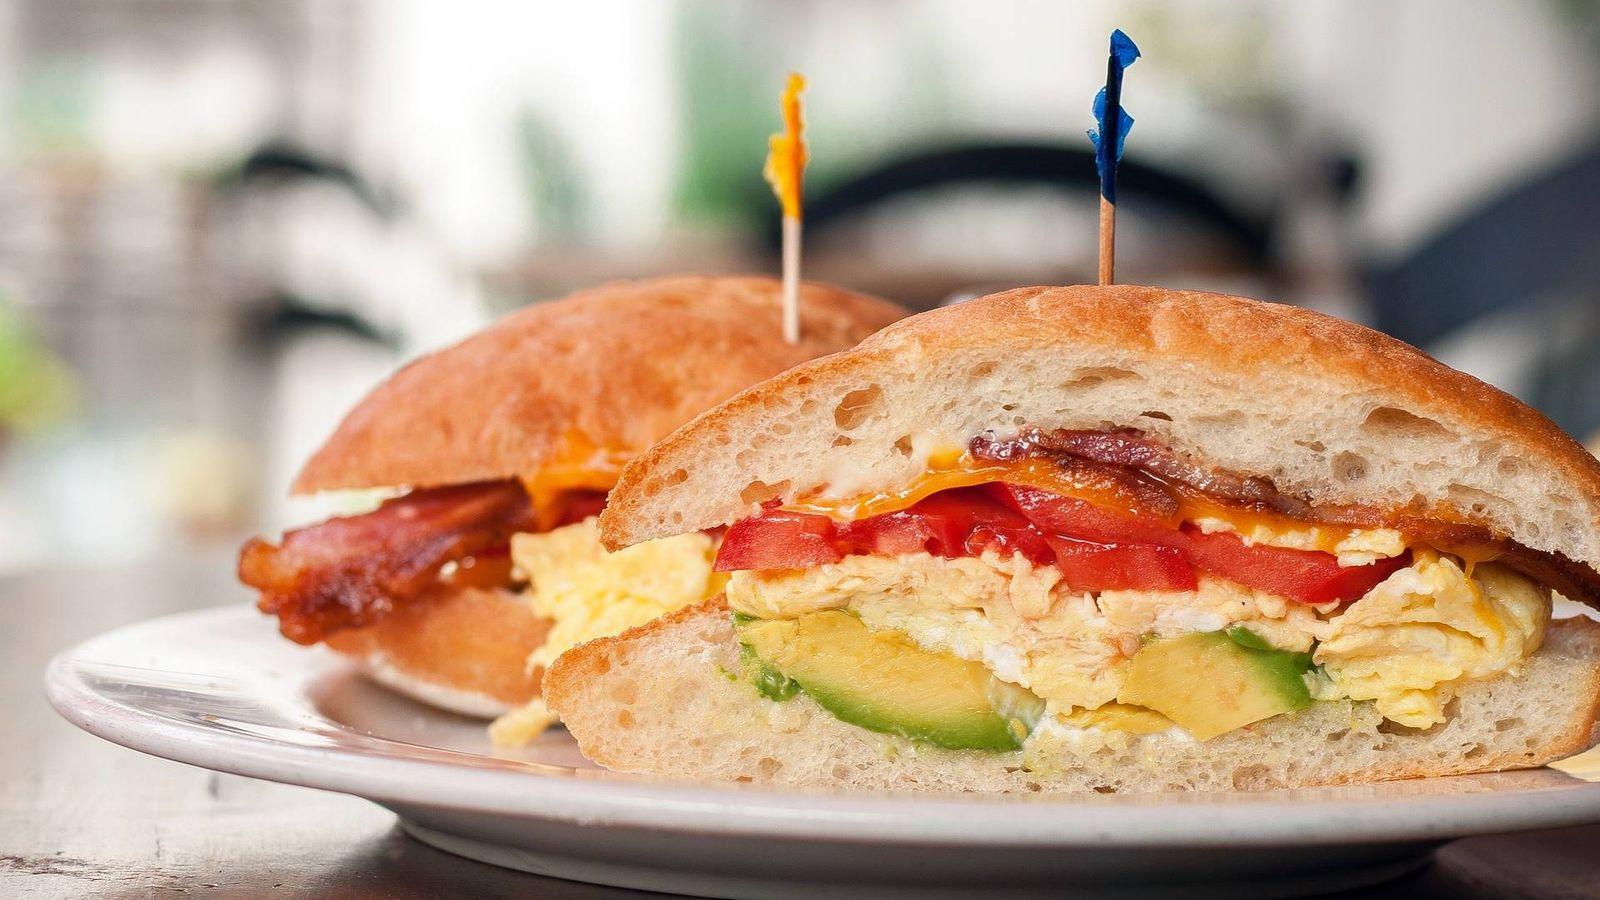 Foto: Prepara sandwiches como éste con las mejores sandwicheras (Foto: Pixabay)